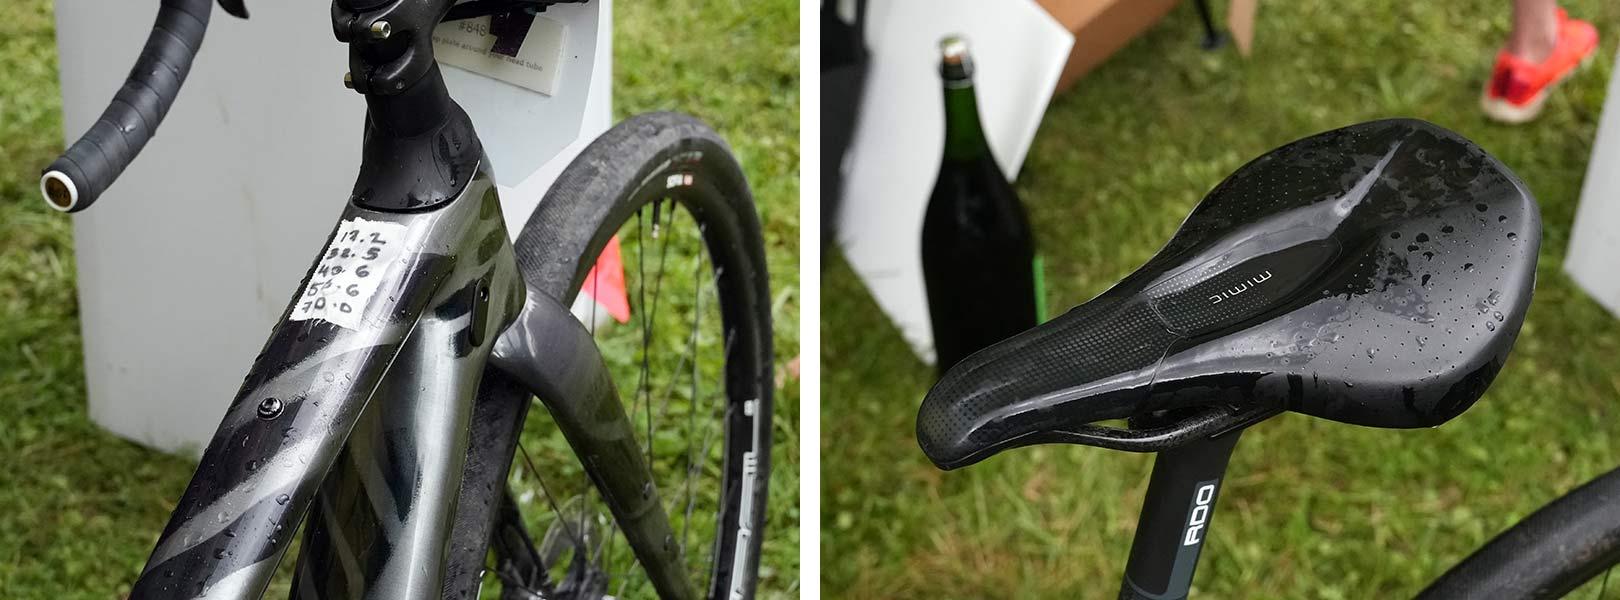 closeup details of CLIF Pro Team gravel race bike for sofia gomez villafane